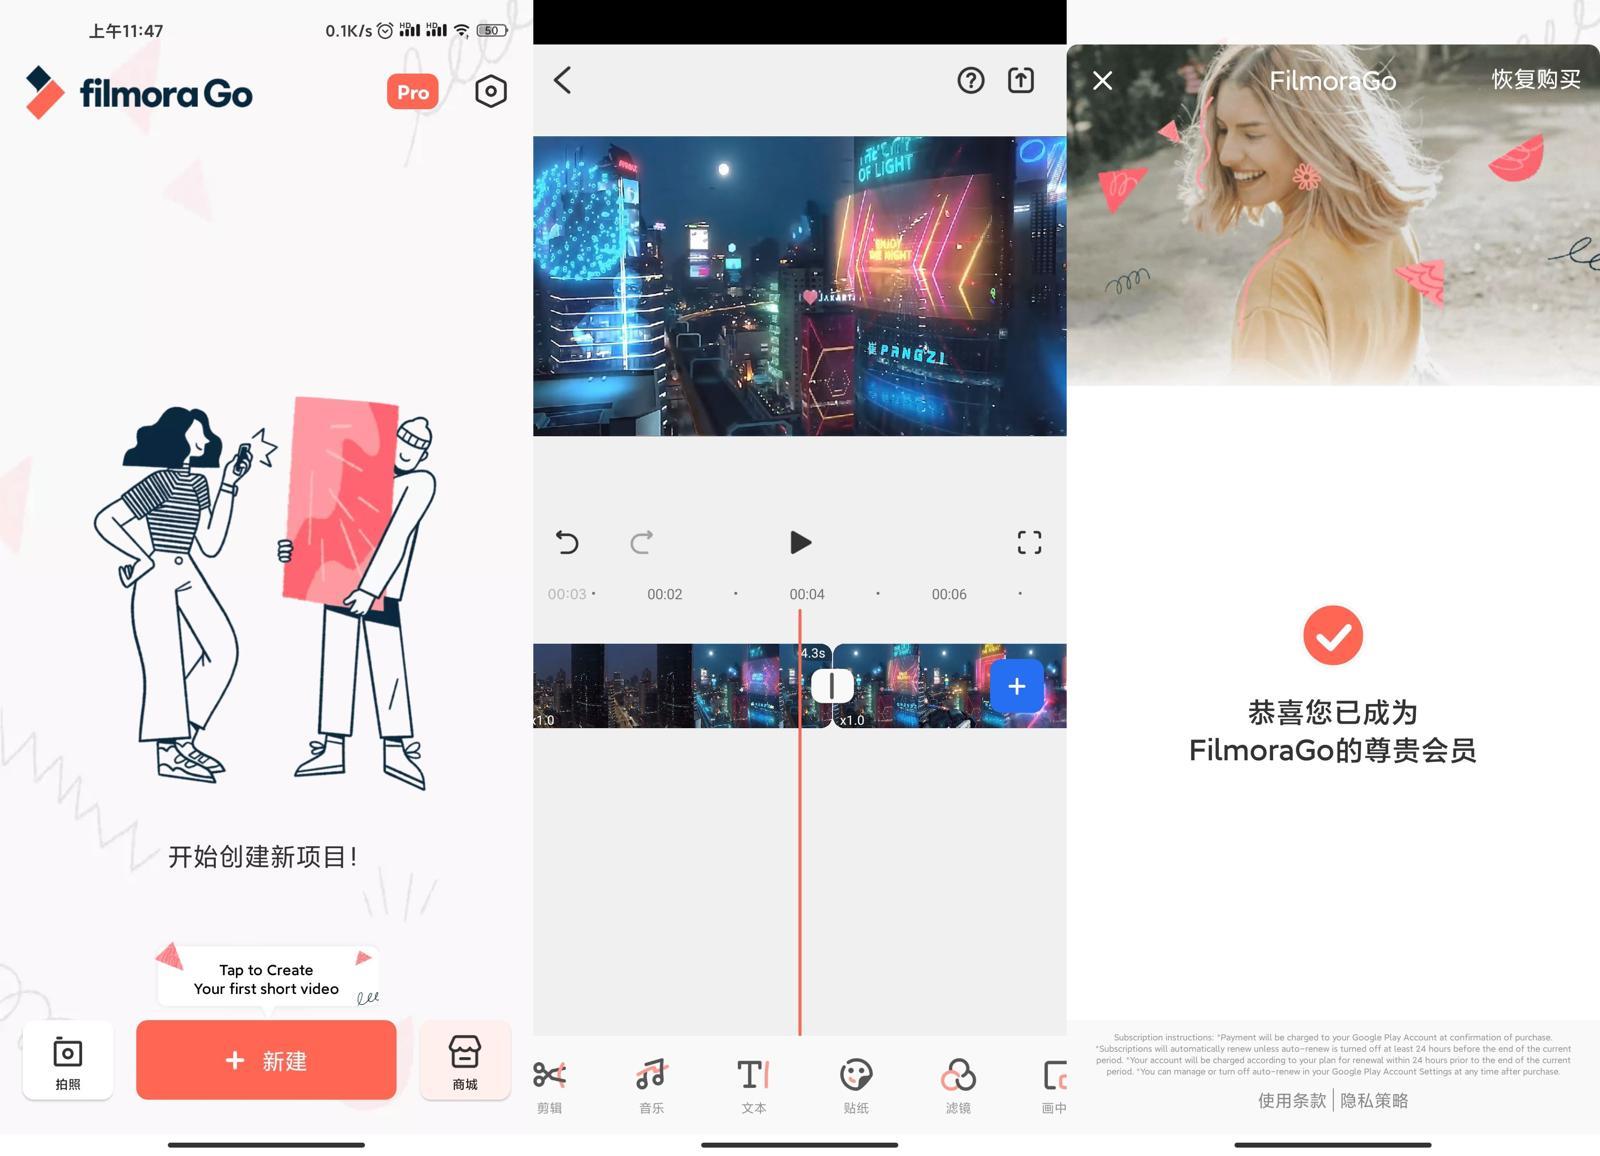 安卓FilmoraGo v4.0.5绿化版